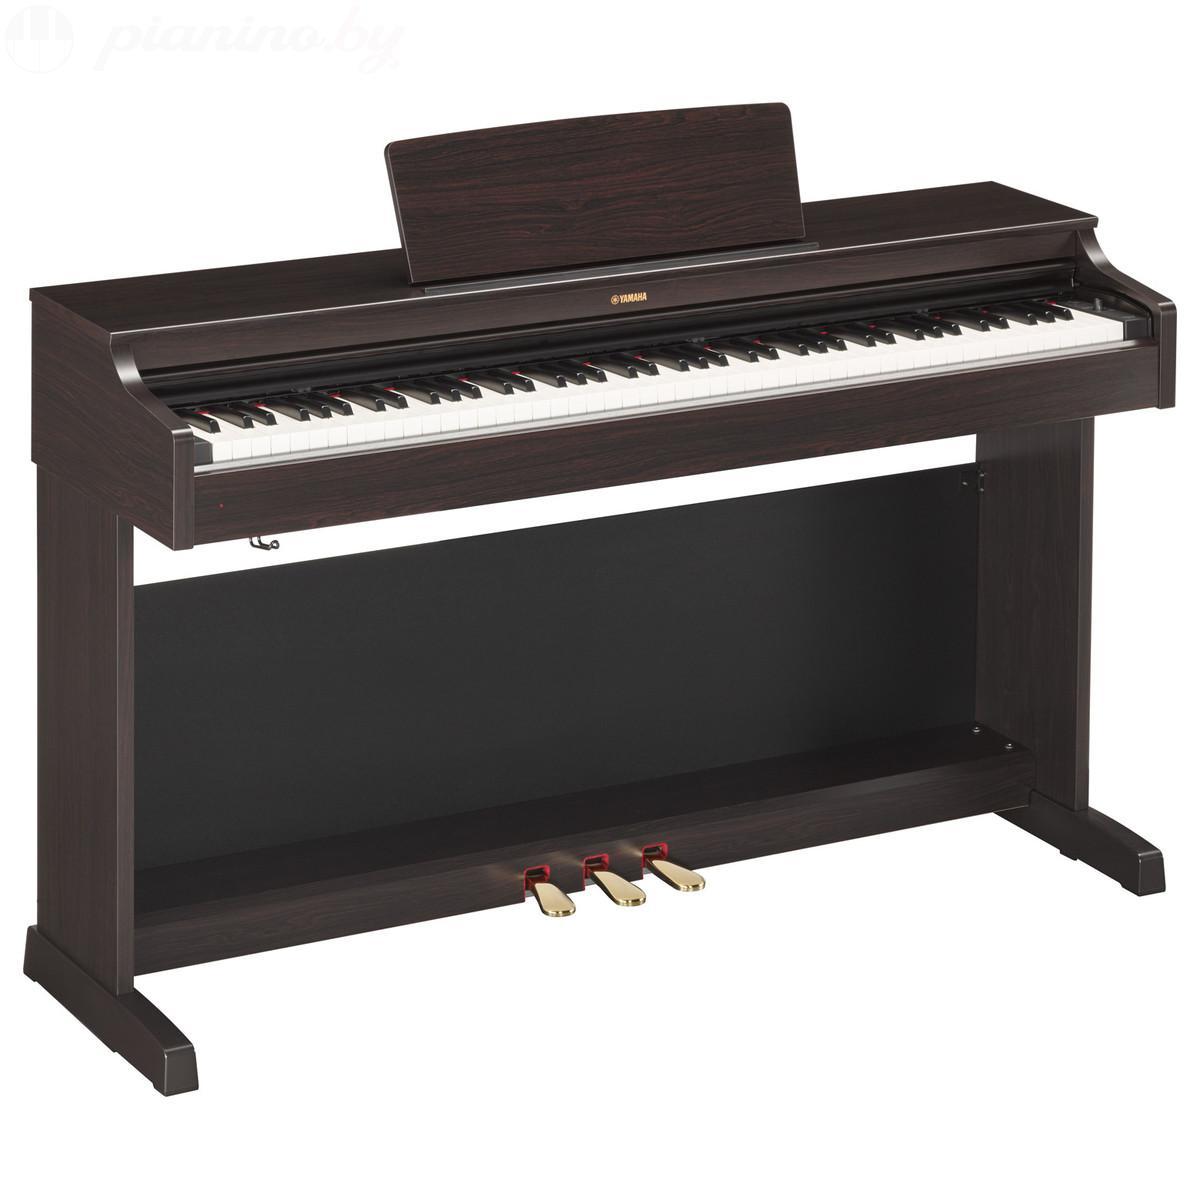 Цифровое пианино Yamaha Arius YDP-163 Rosewood Фото 1